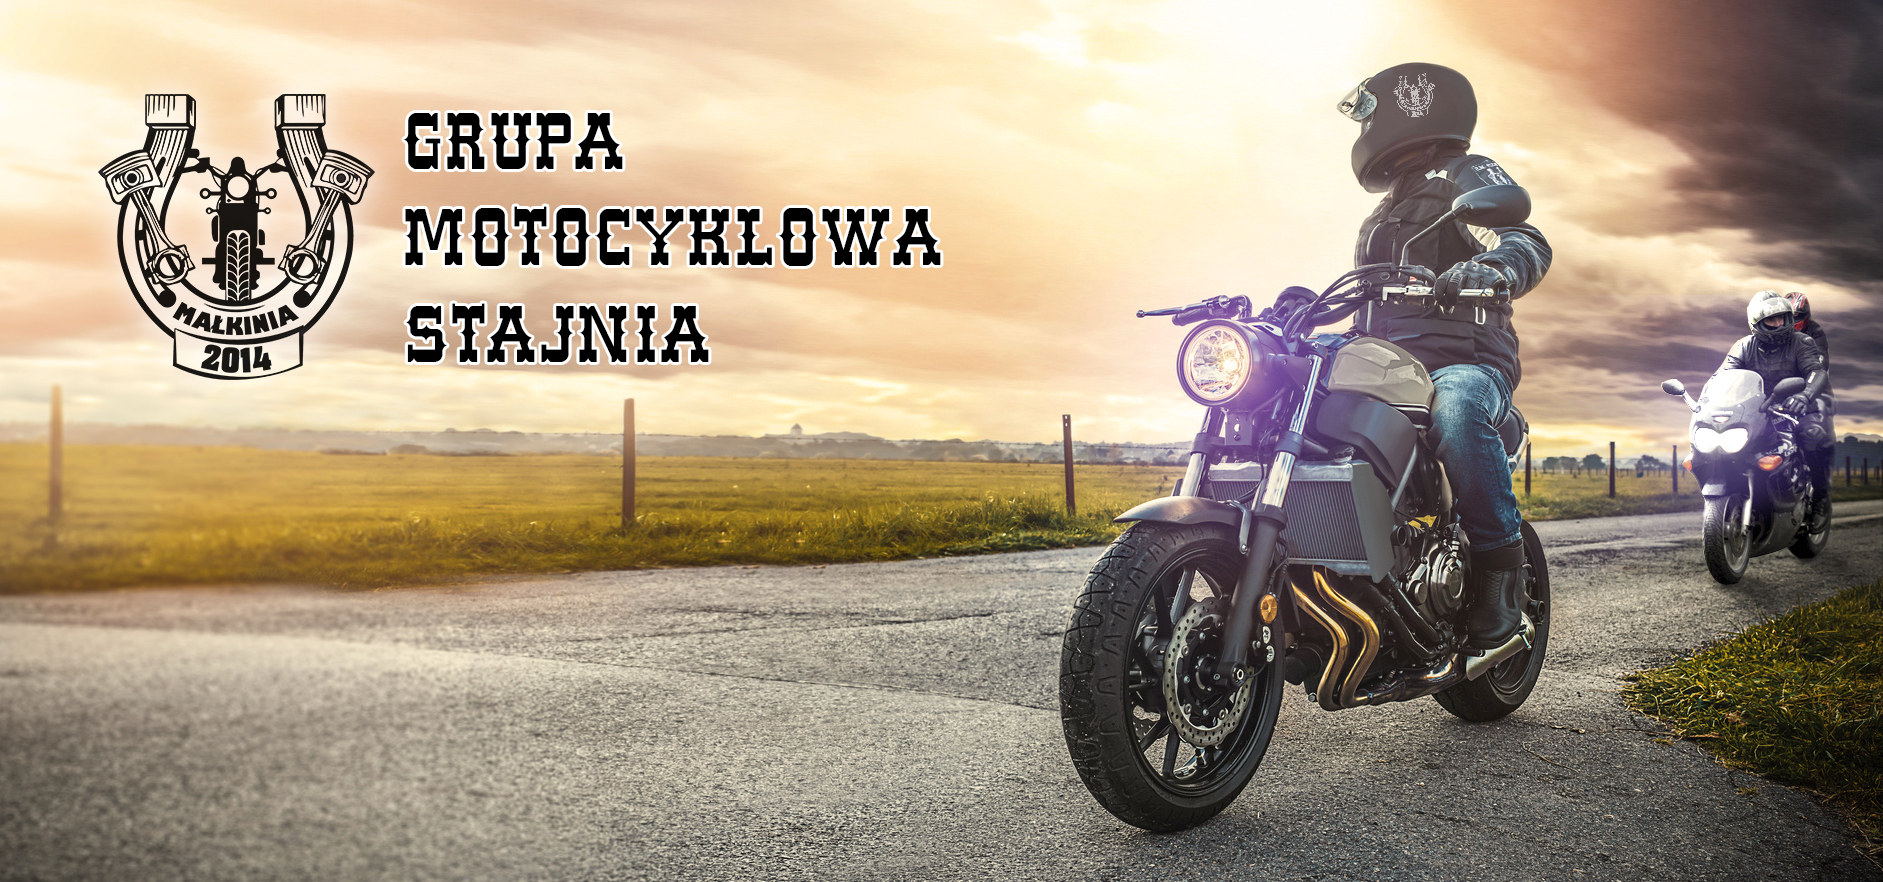 Grupa motocyklowa Stajnia